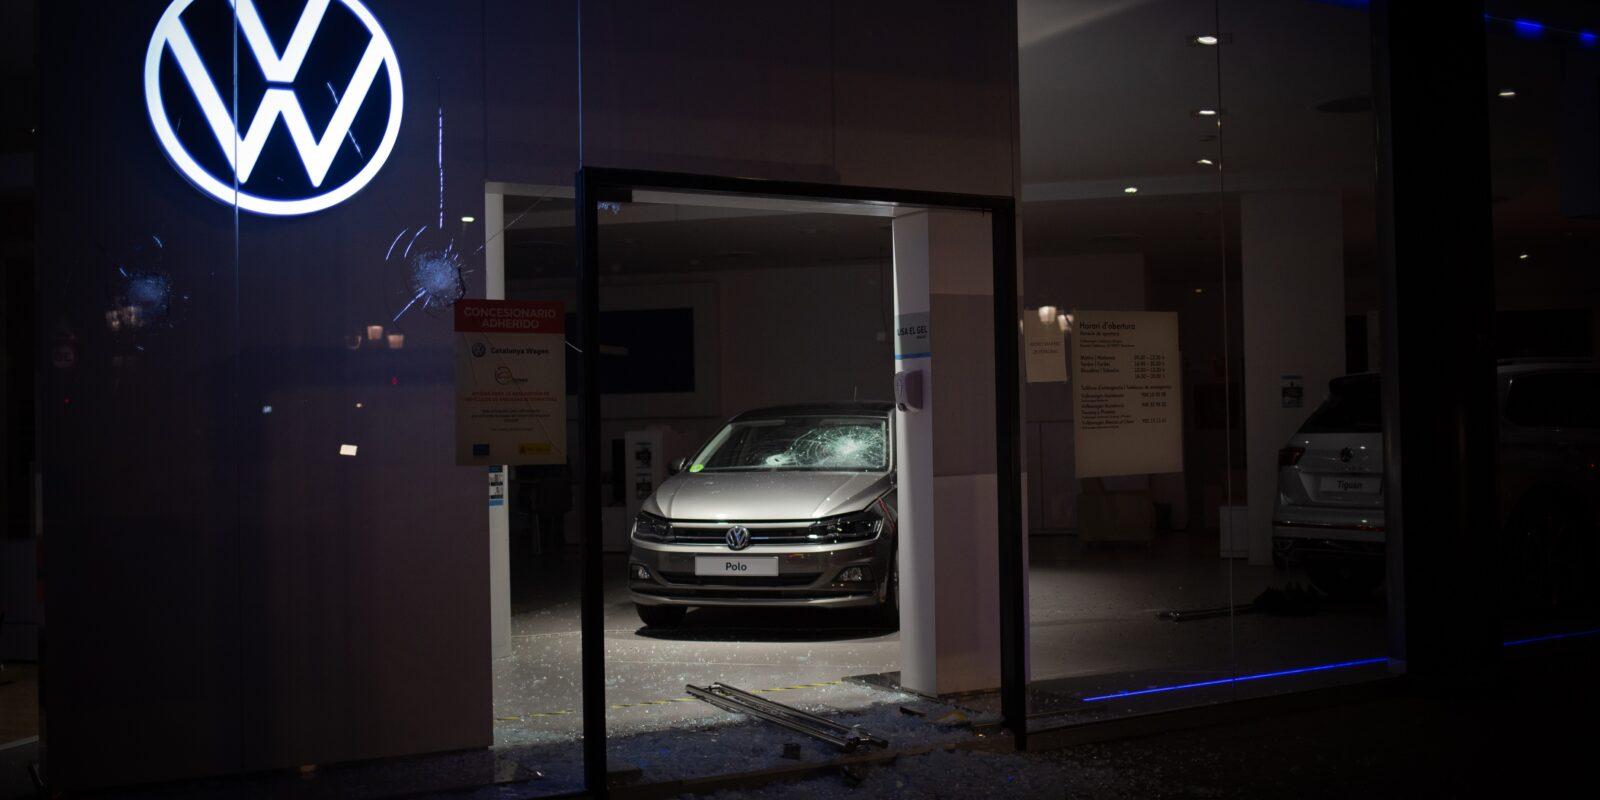 Un concessionari de Volkswagen a Barcelona  / Europa Press